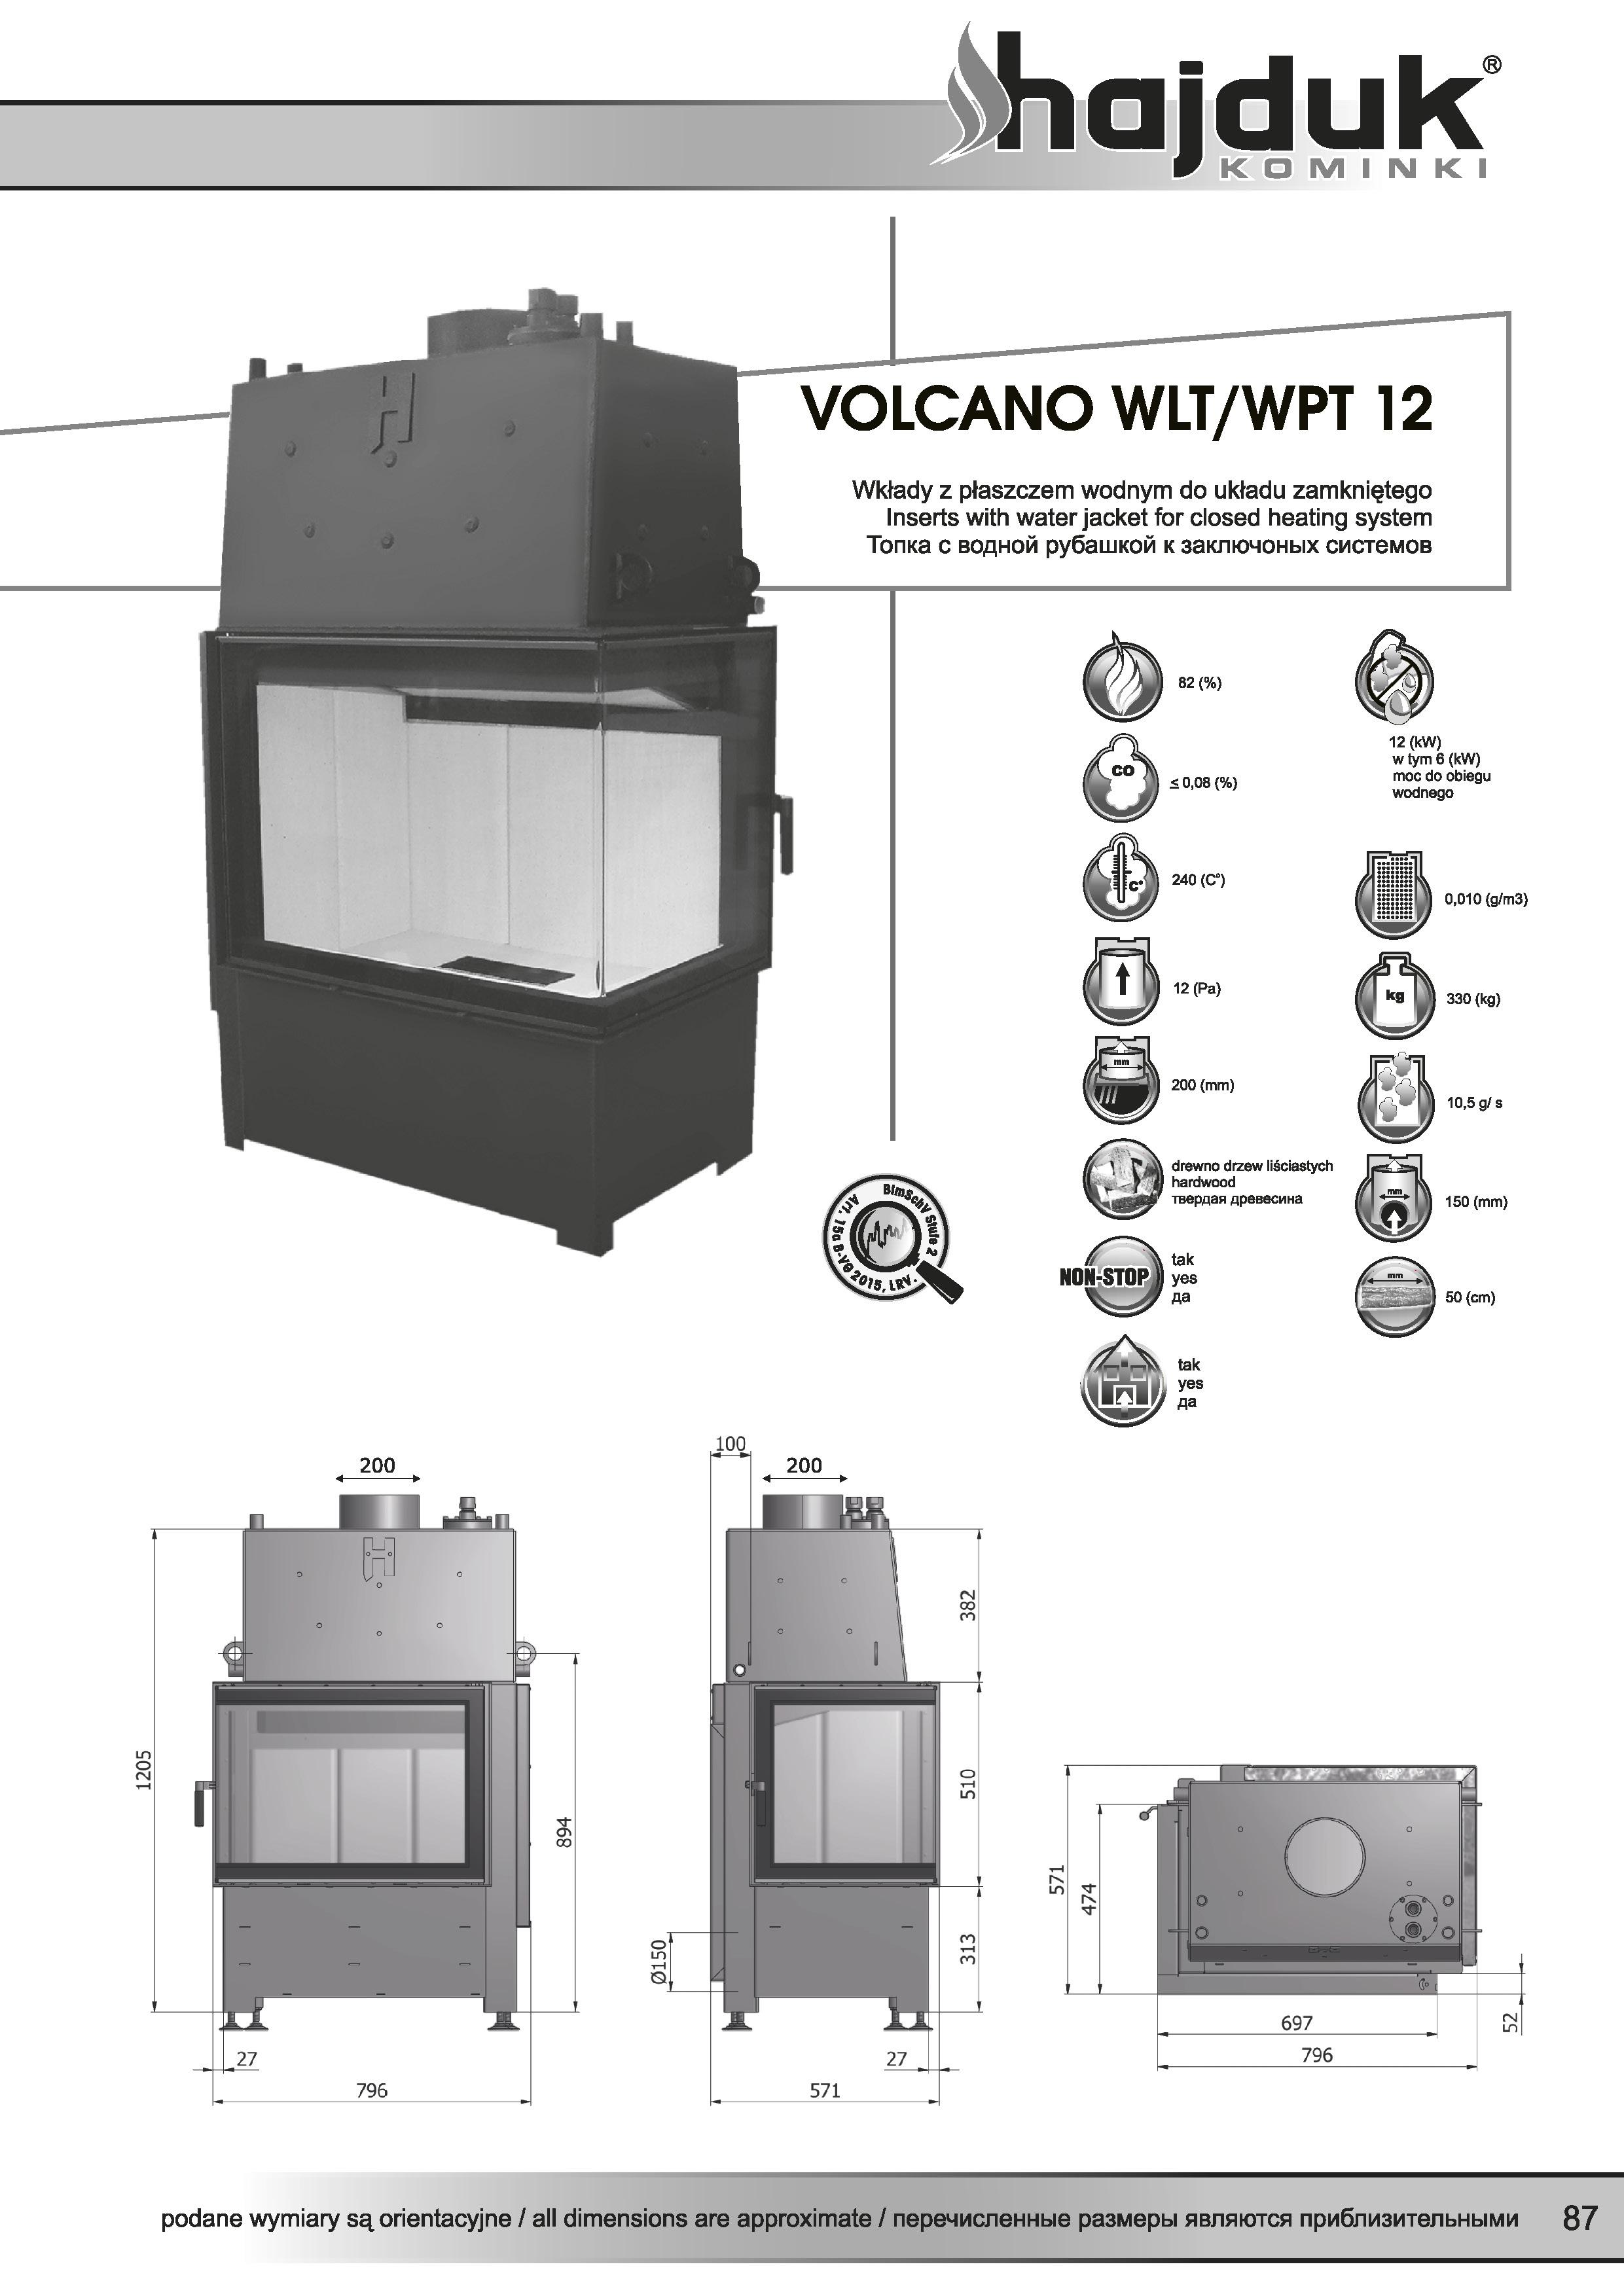 Volcano%20WLT%20WPT%20 %2012%20 %20karta%20techniczna - Wkład kominkowy Hajduk  Volcano WPT 12